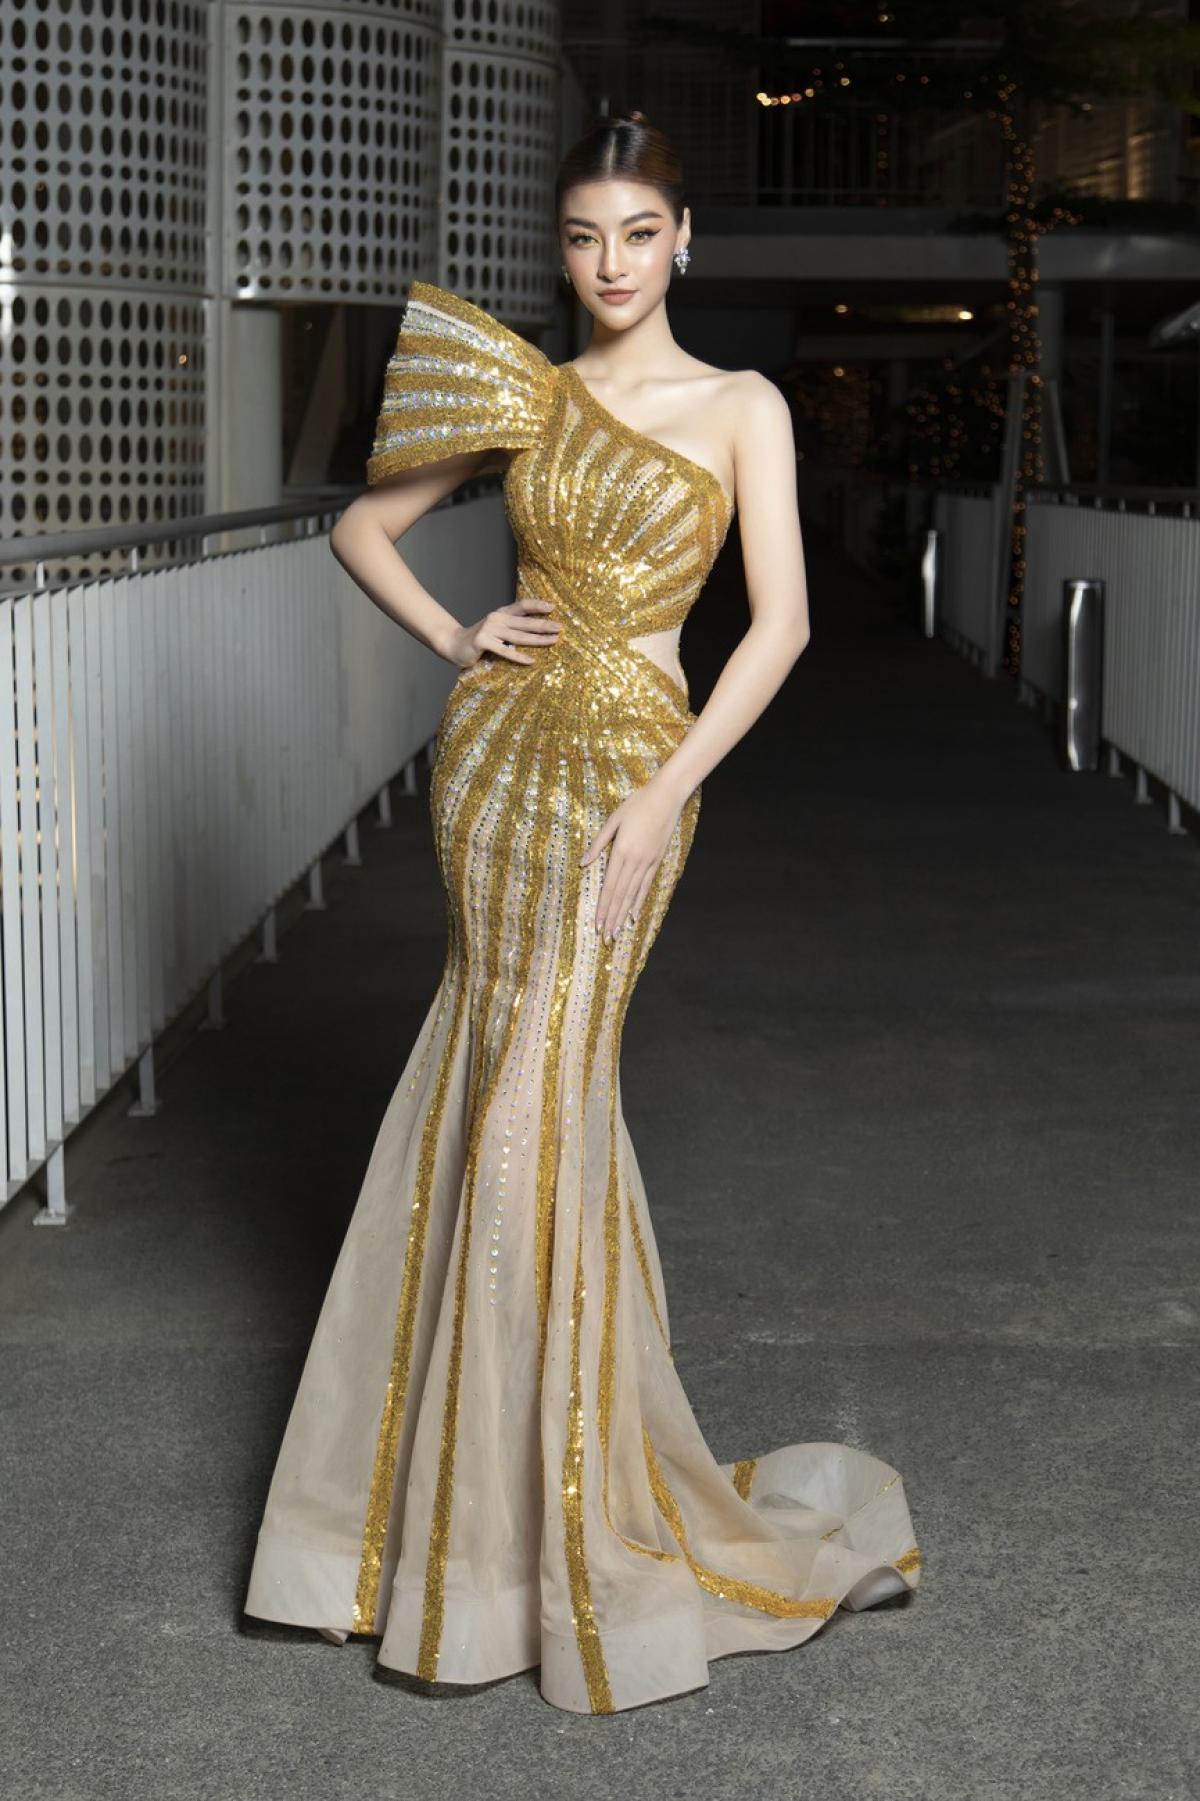 """Nàng Á hậu đa tài gốc Quảng Nam nhận đề cử """"Ngôi sao của năm"""" tại lễ trao giải."""